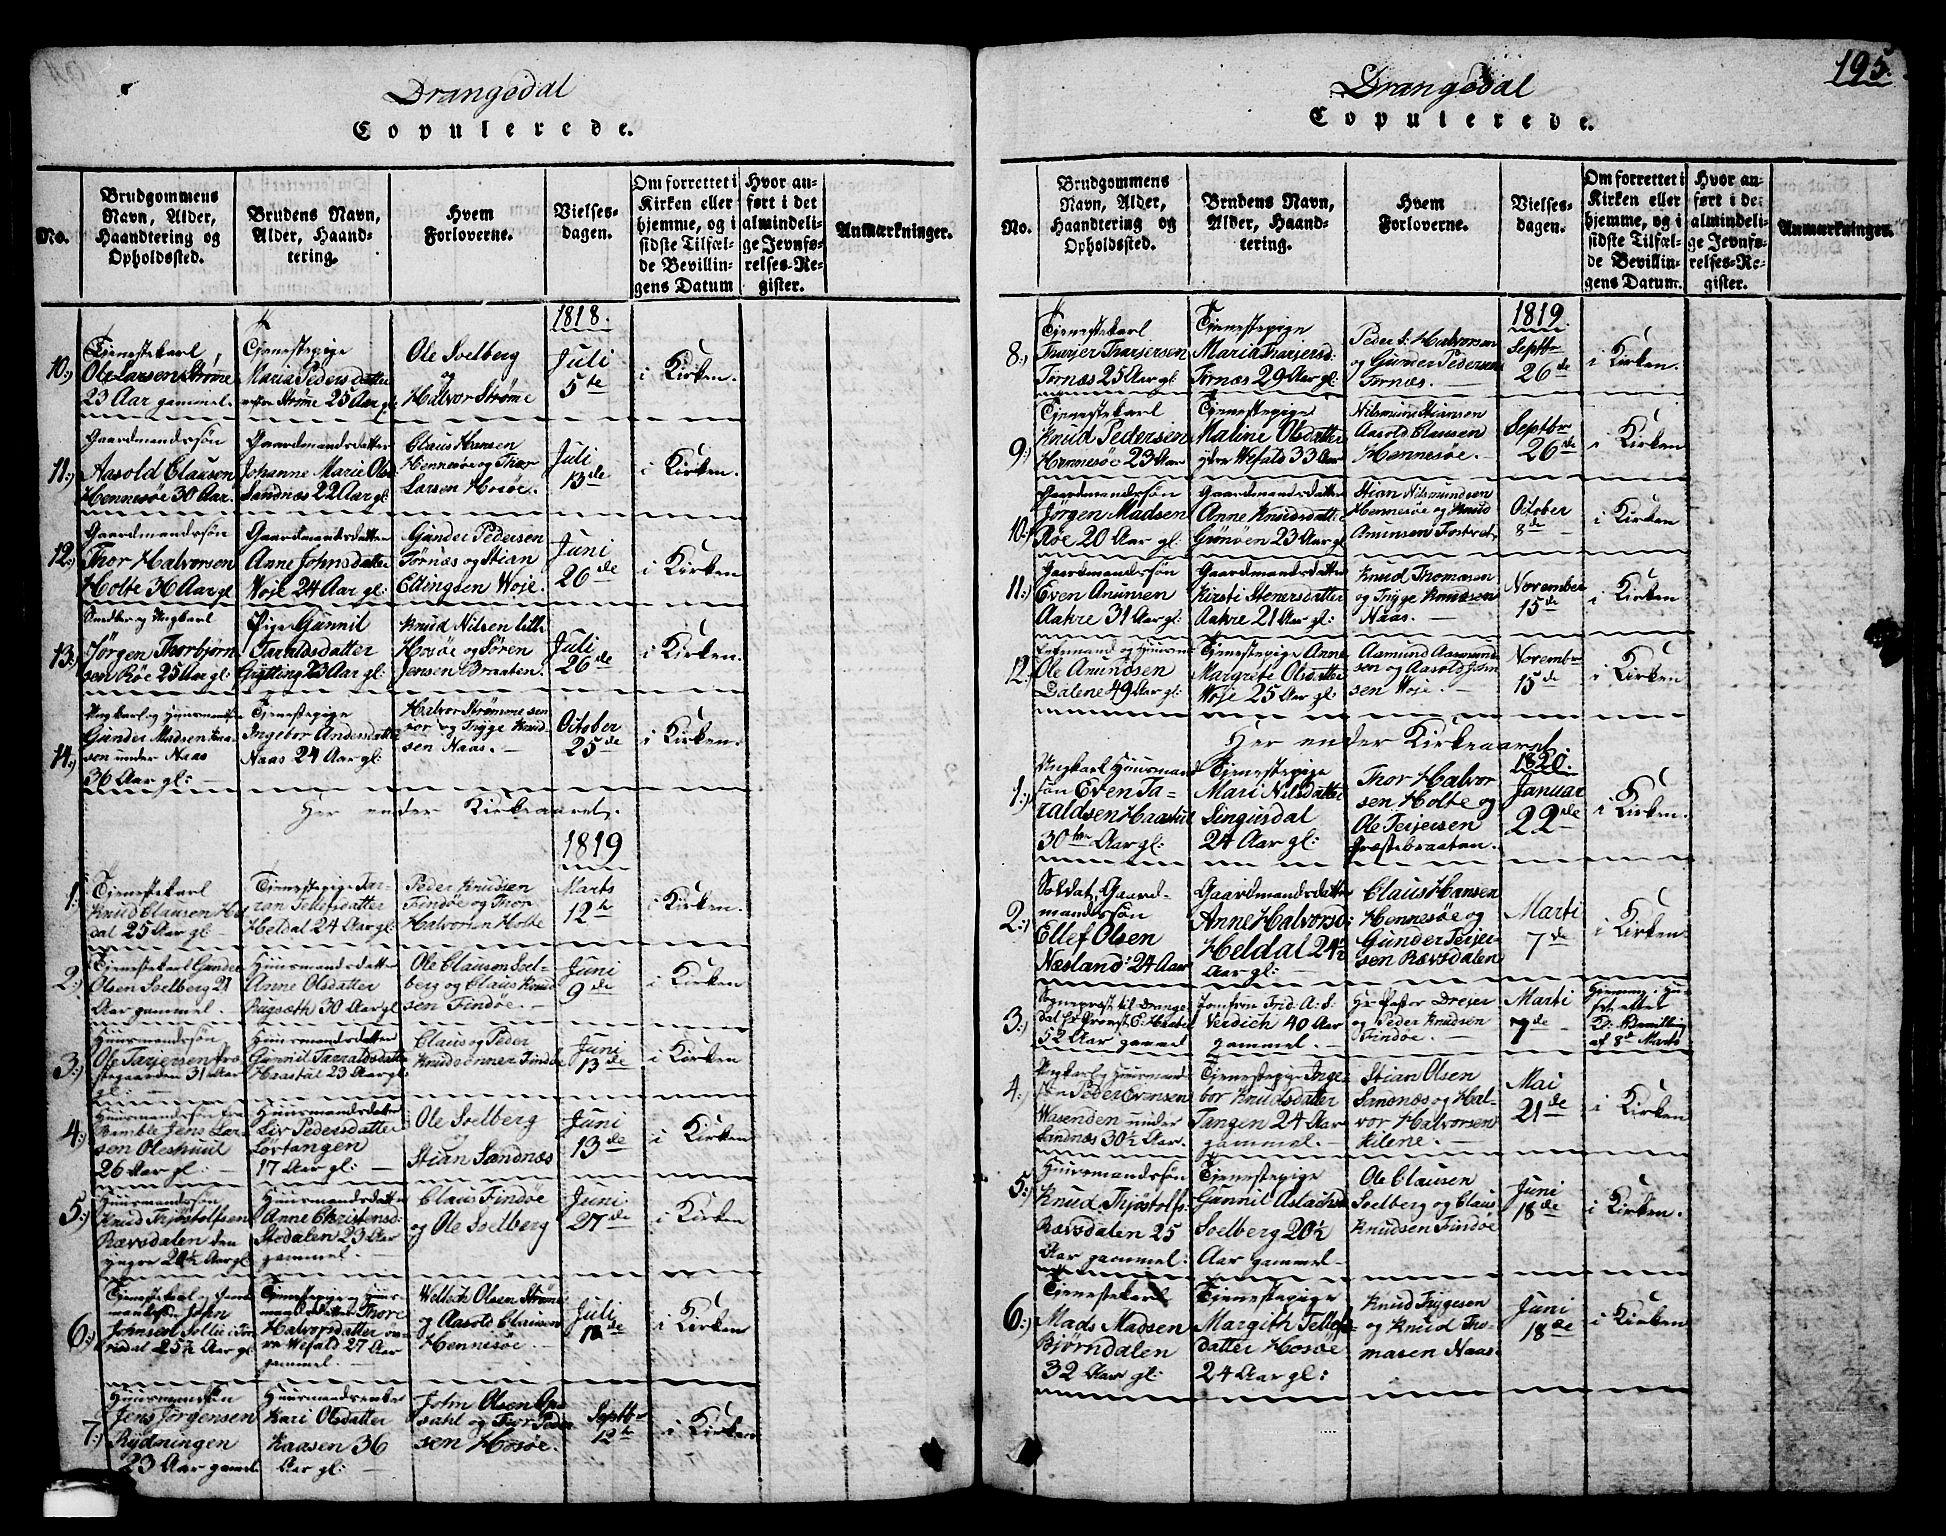 SAKO, Drangedal kirkebøker, G/Ga/L0001: Klokkerbok nr. I 1 /1, 1814-1856, s. 195